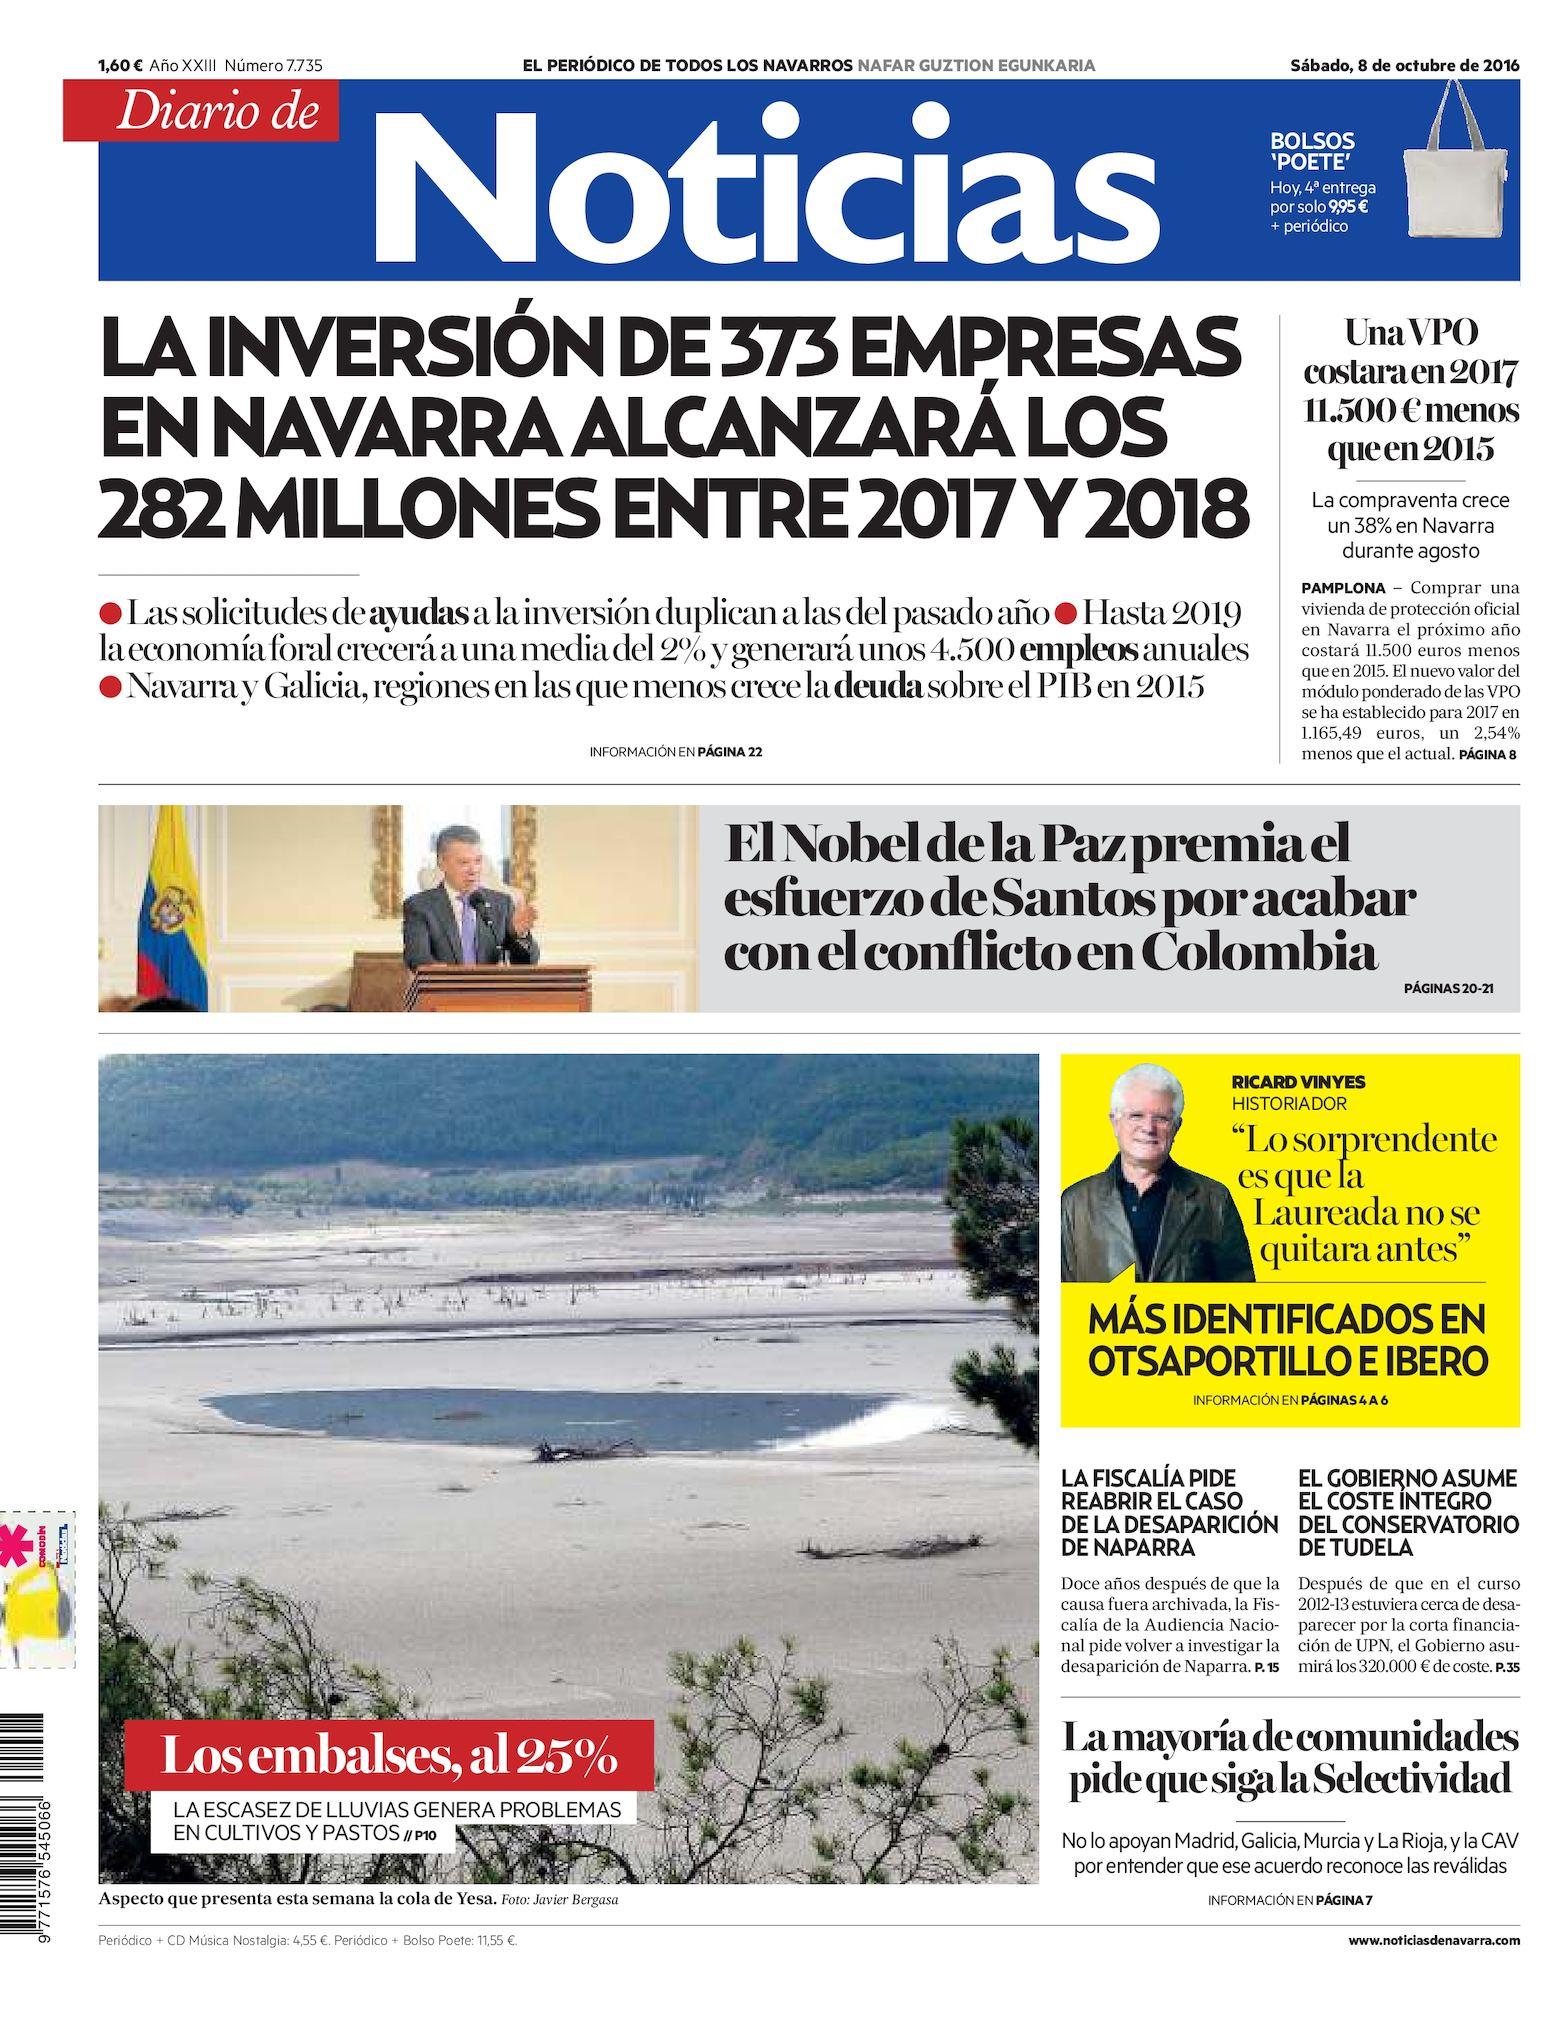 Calaméo - Diario de Noticias 20161008